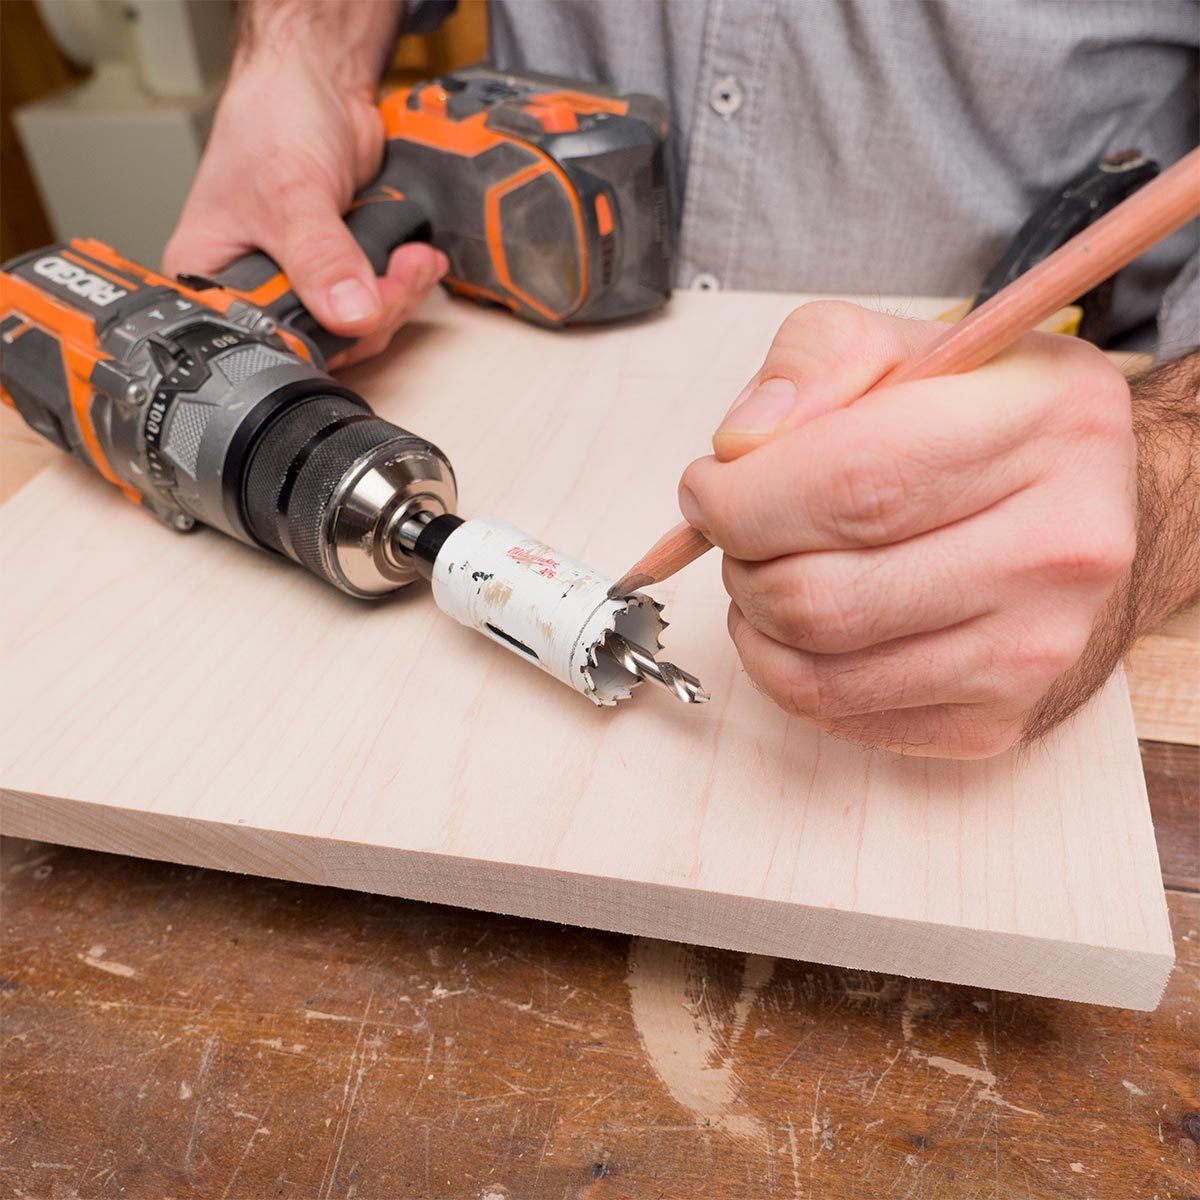 marking hole saw depth of cut